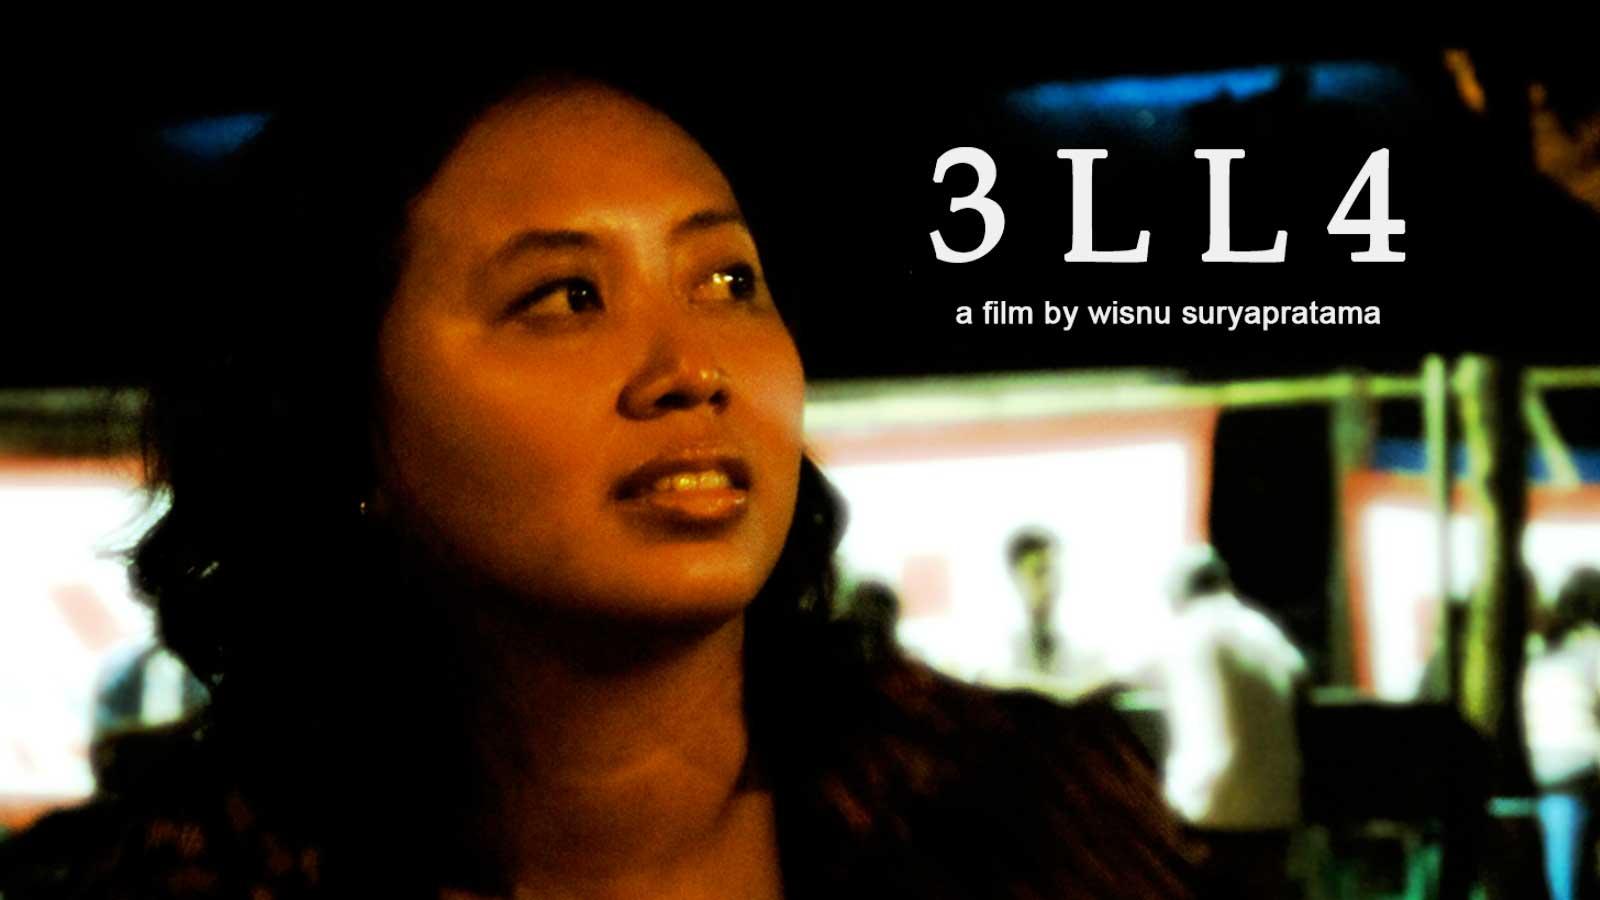 3LL4 (Wisnu Suryapratama, 2010)